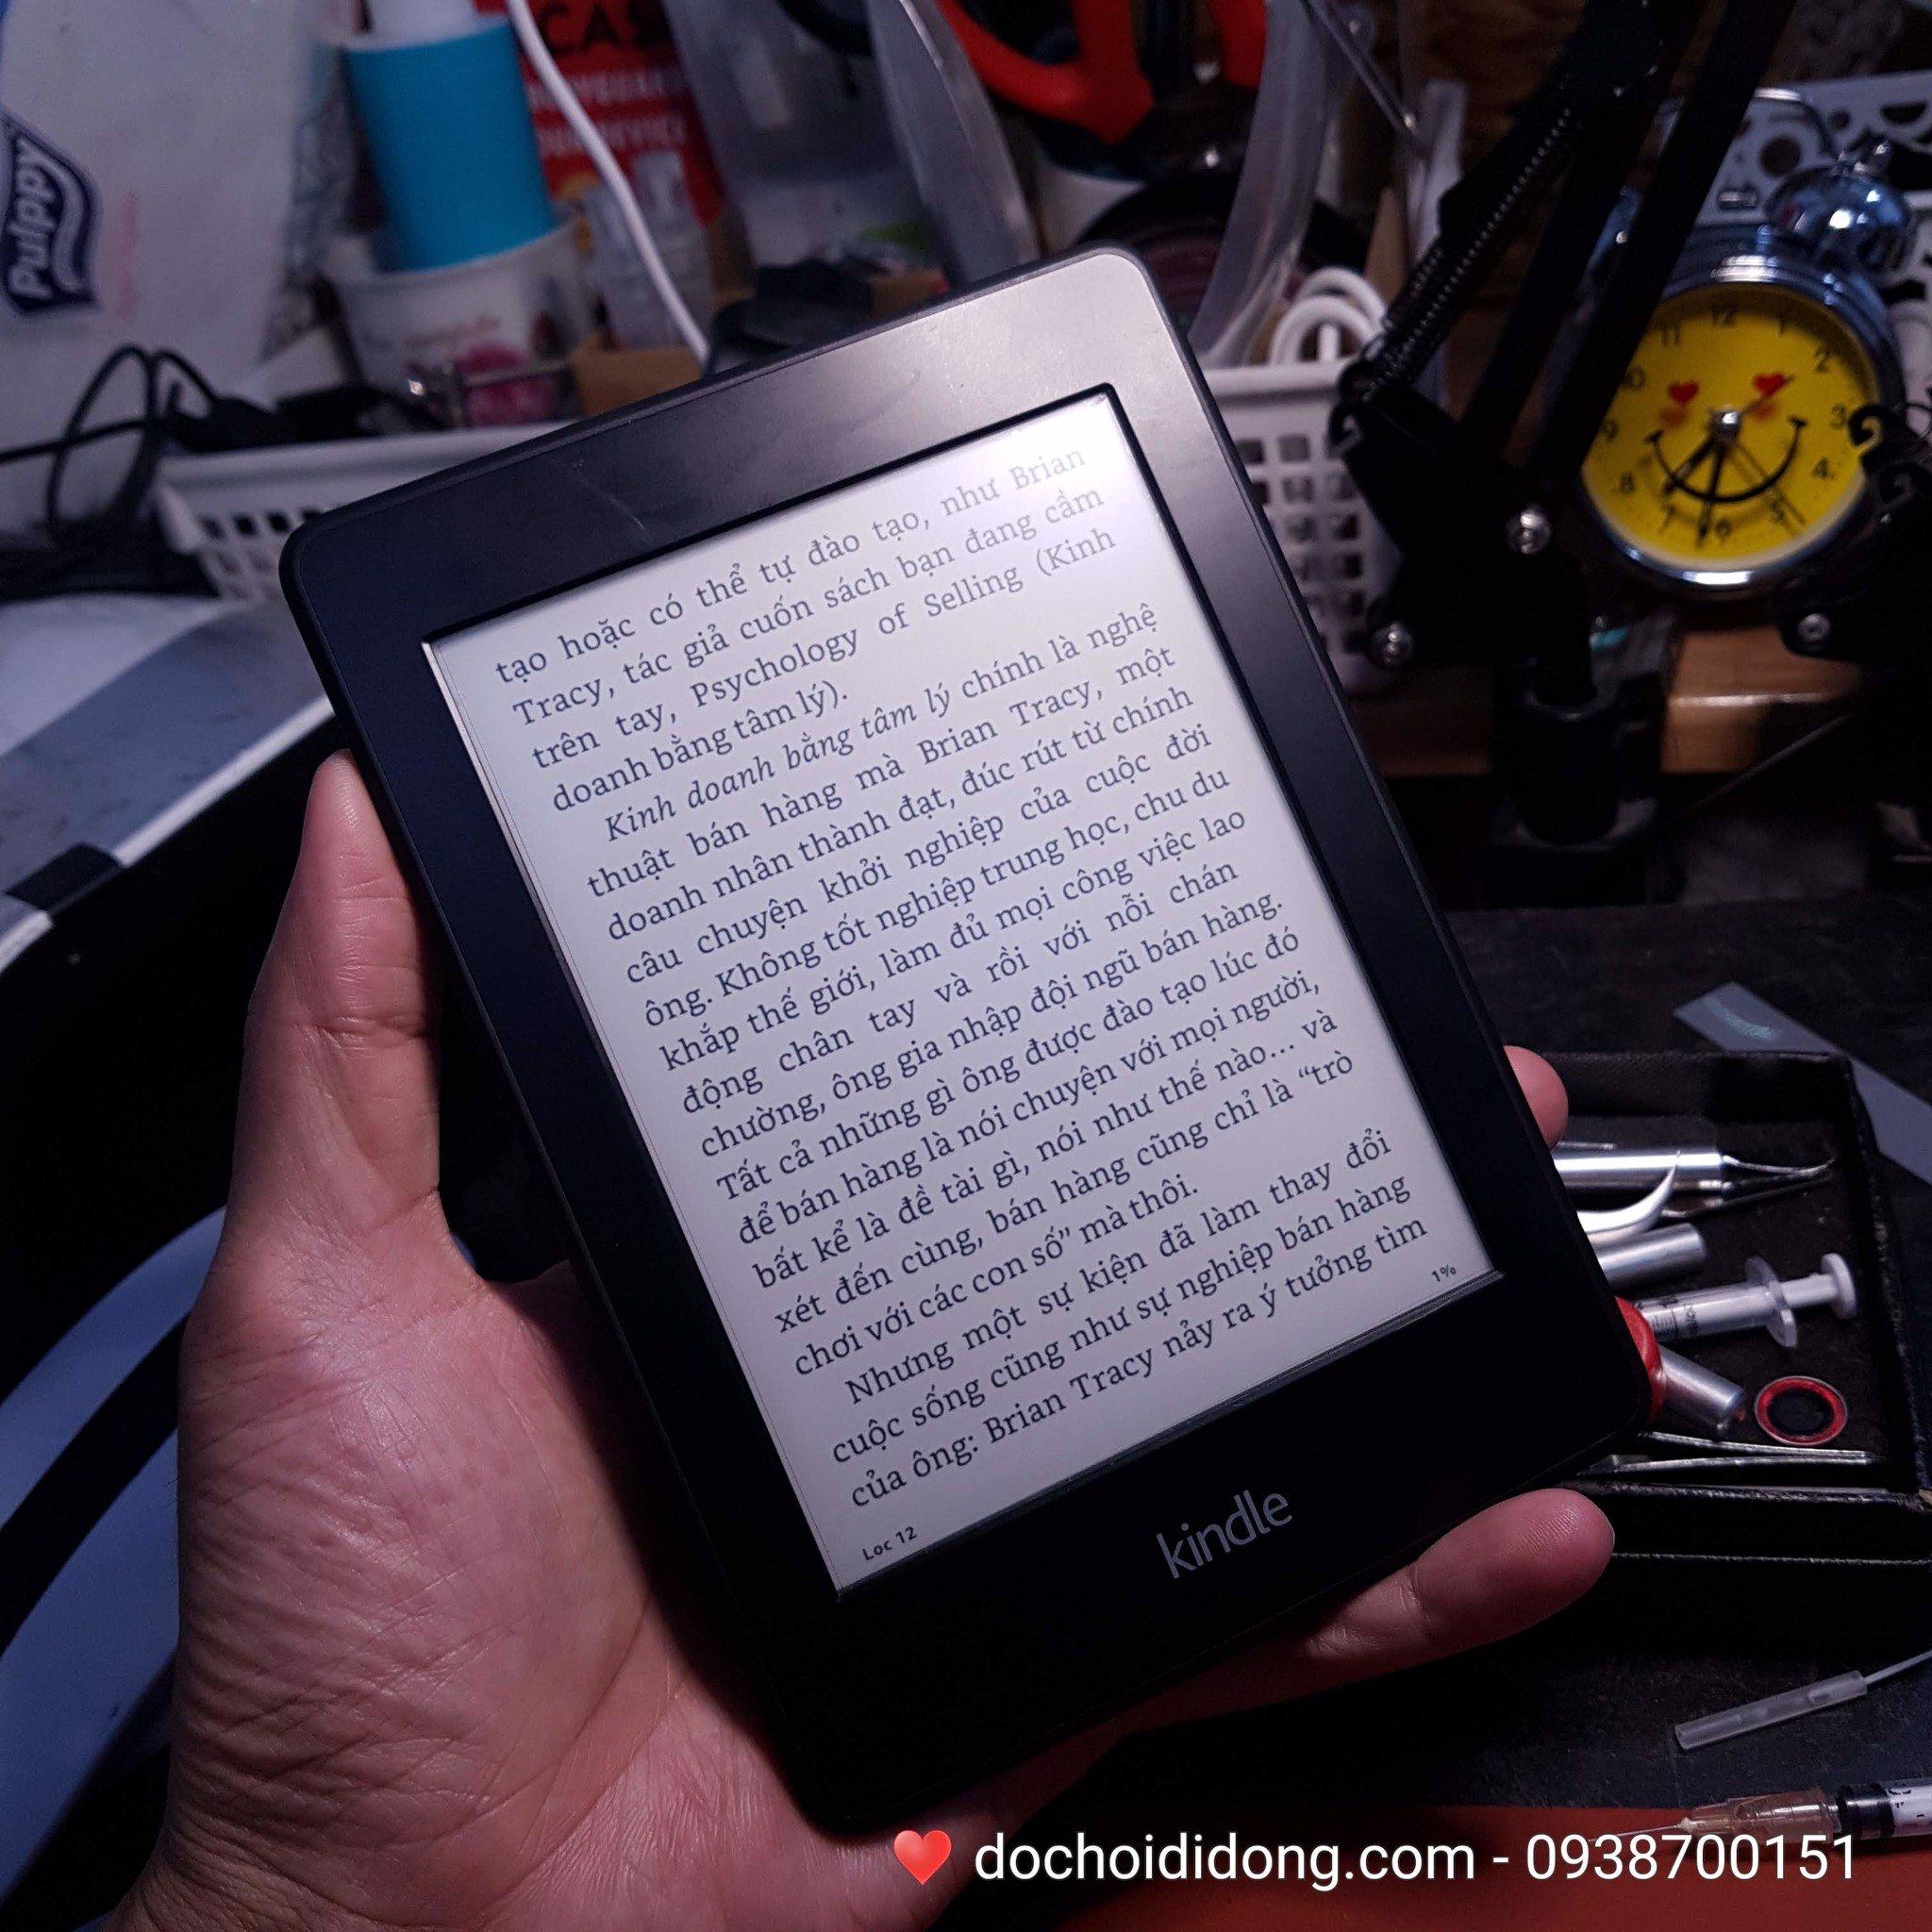 Miếng dán PPF Máy đọc sách Kindle Paperwhite 2013 nhám cao cấp